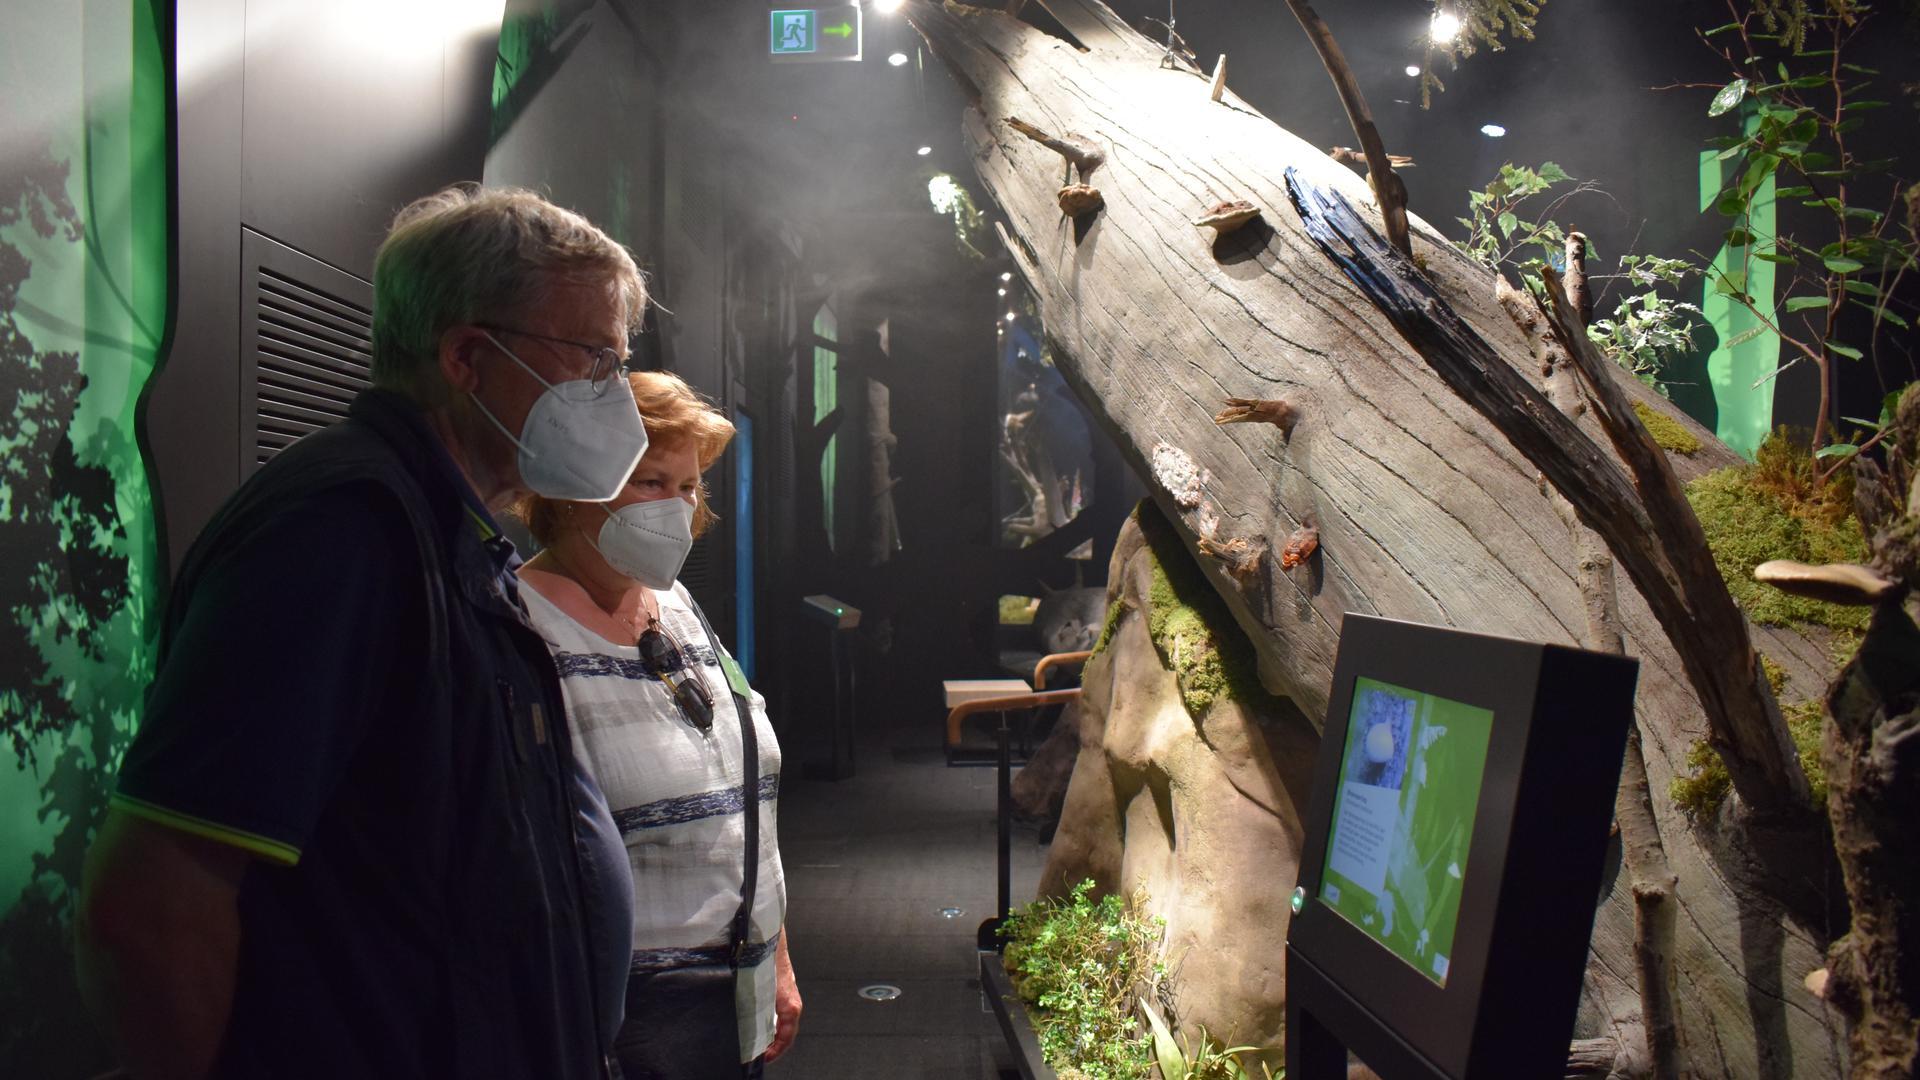 Besucher stehen in einer Ausstellung und informieren sich.